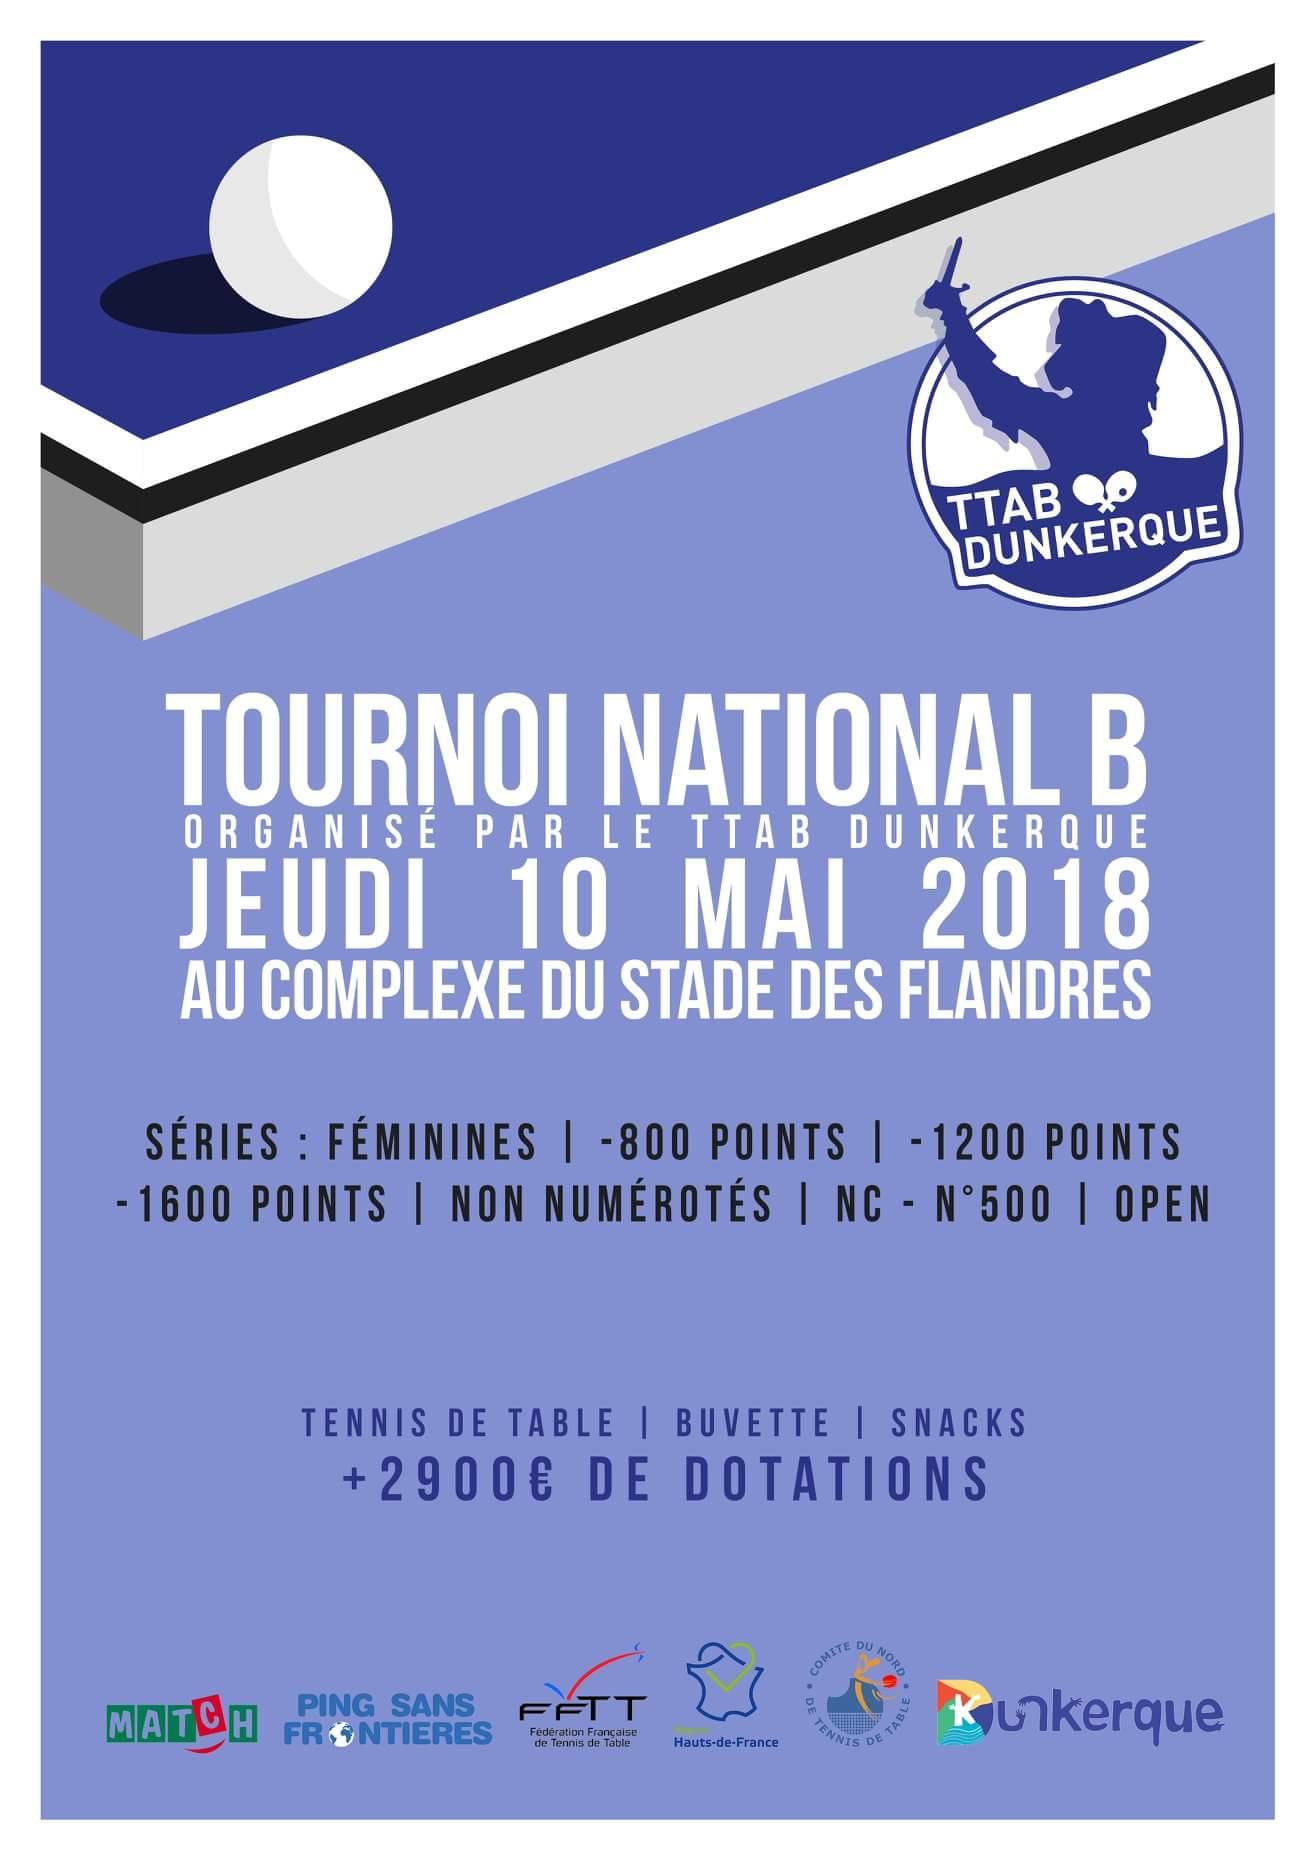 Tournoi national b de dunkerque 59 le jeudi 10mai 2018 tournois forum de tennis de table - Jeudi de l ascension 2018 ...